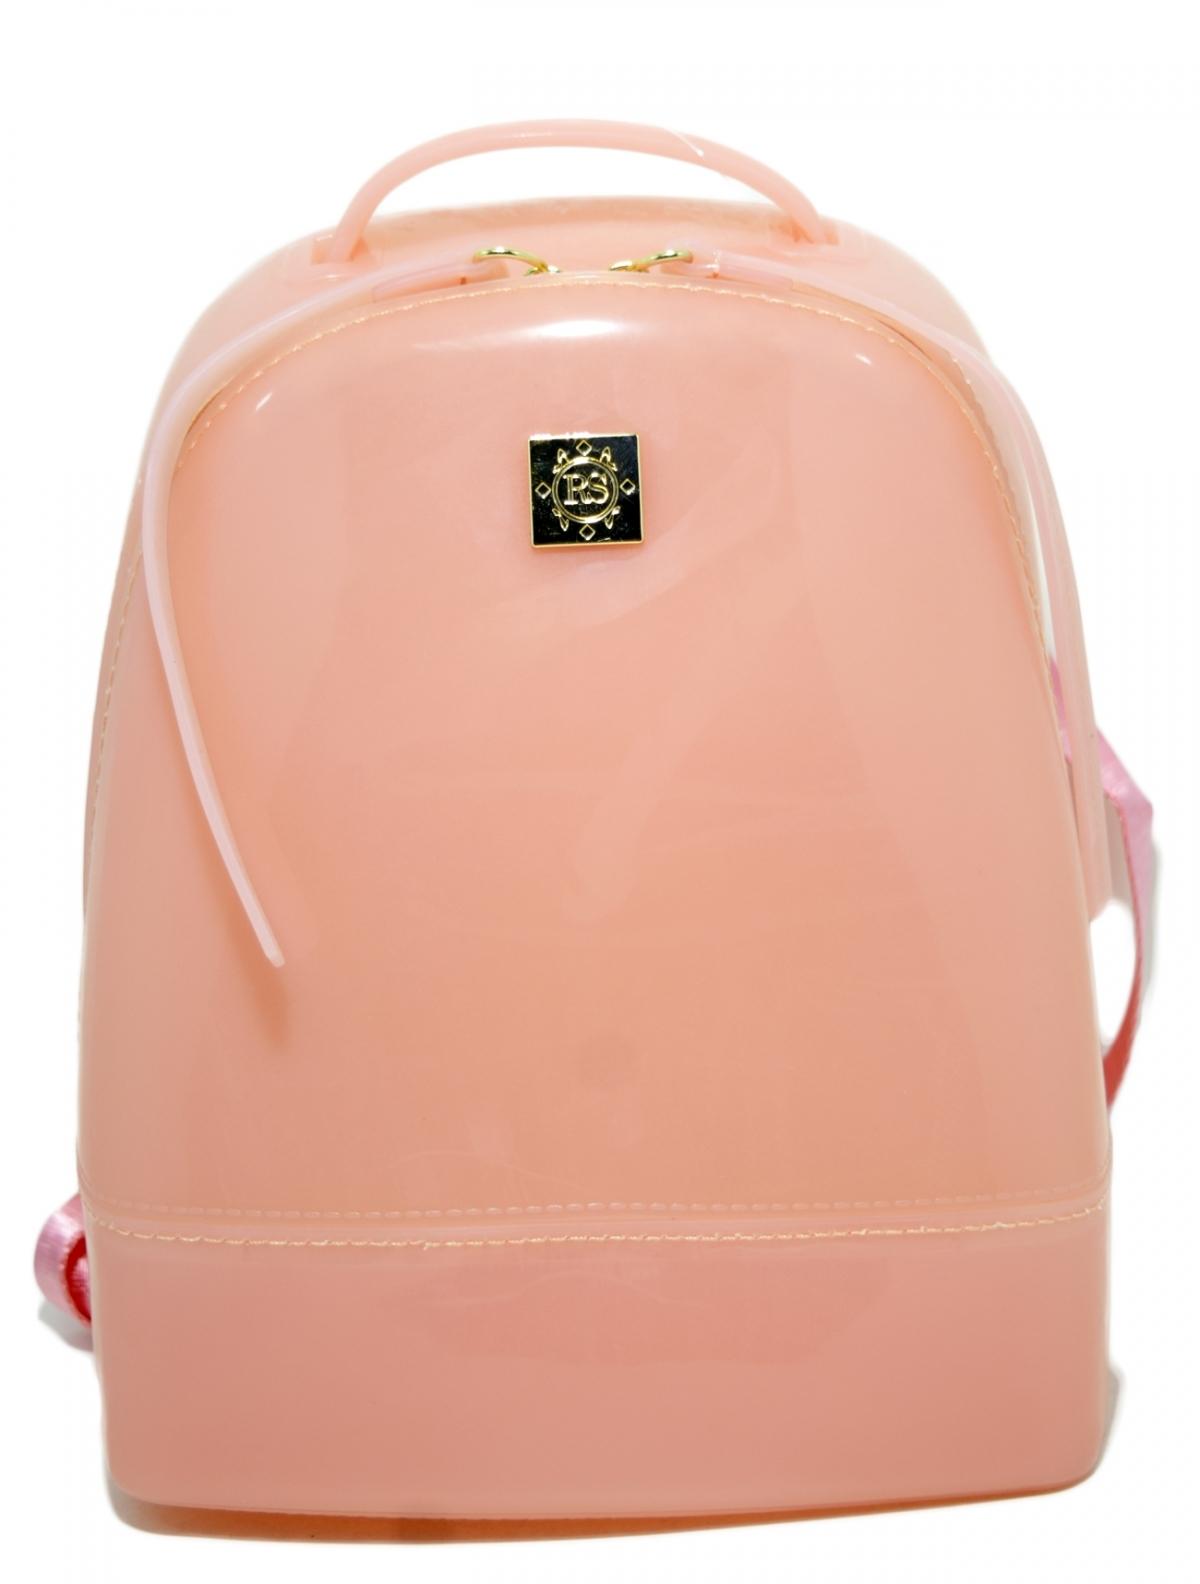 RidlStep 20130-284-2 рюкзак розовый